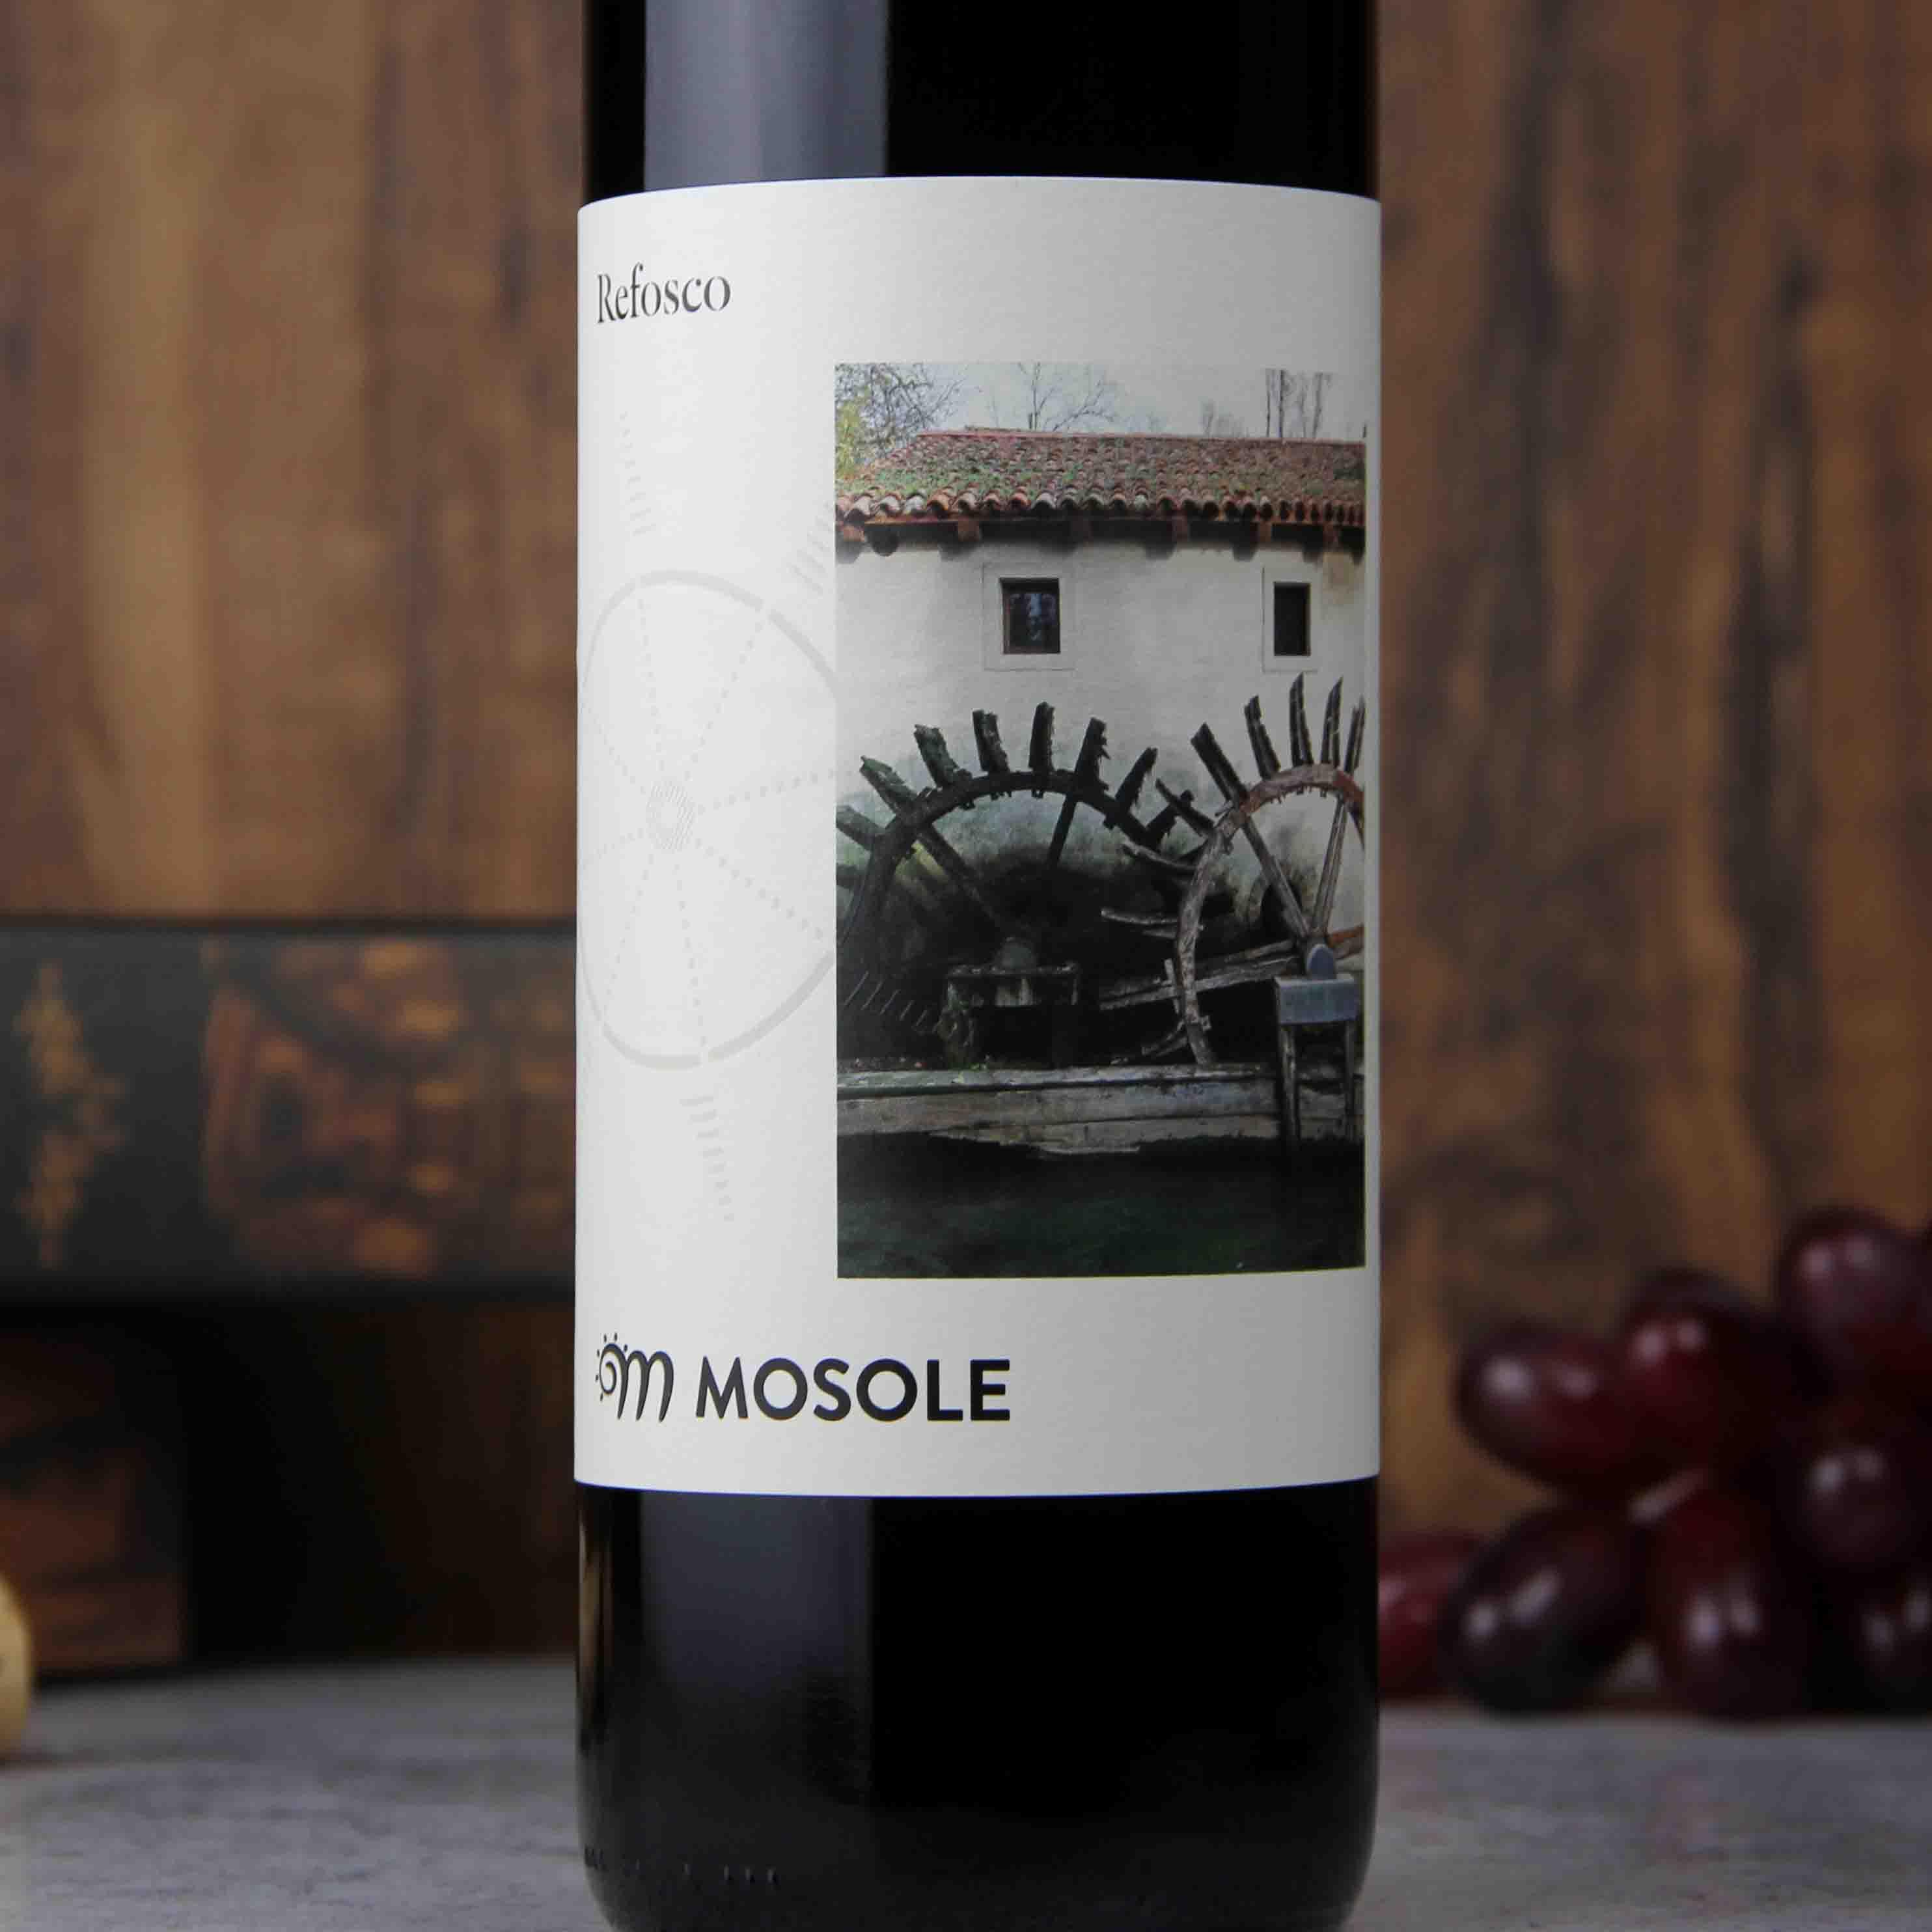 意大利威尼托莫斯勒莱弗斯科干红葡萄酒